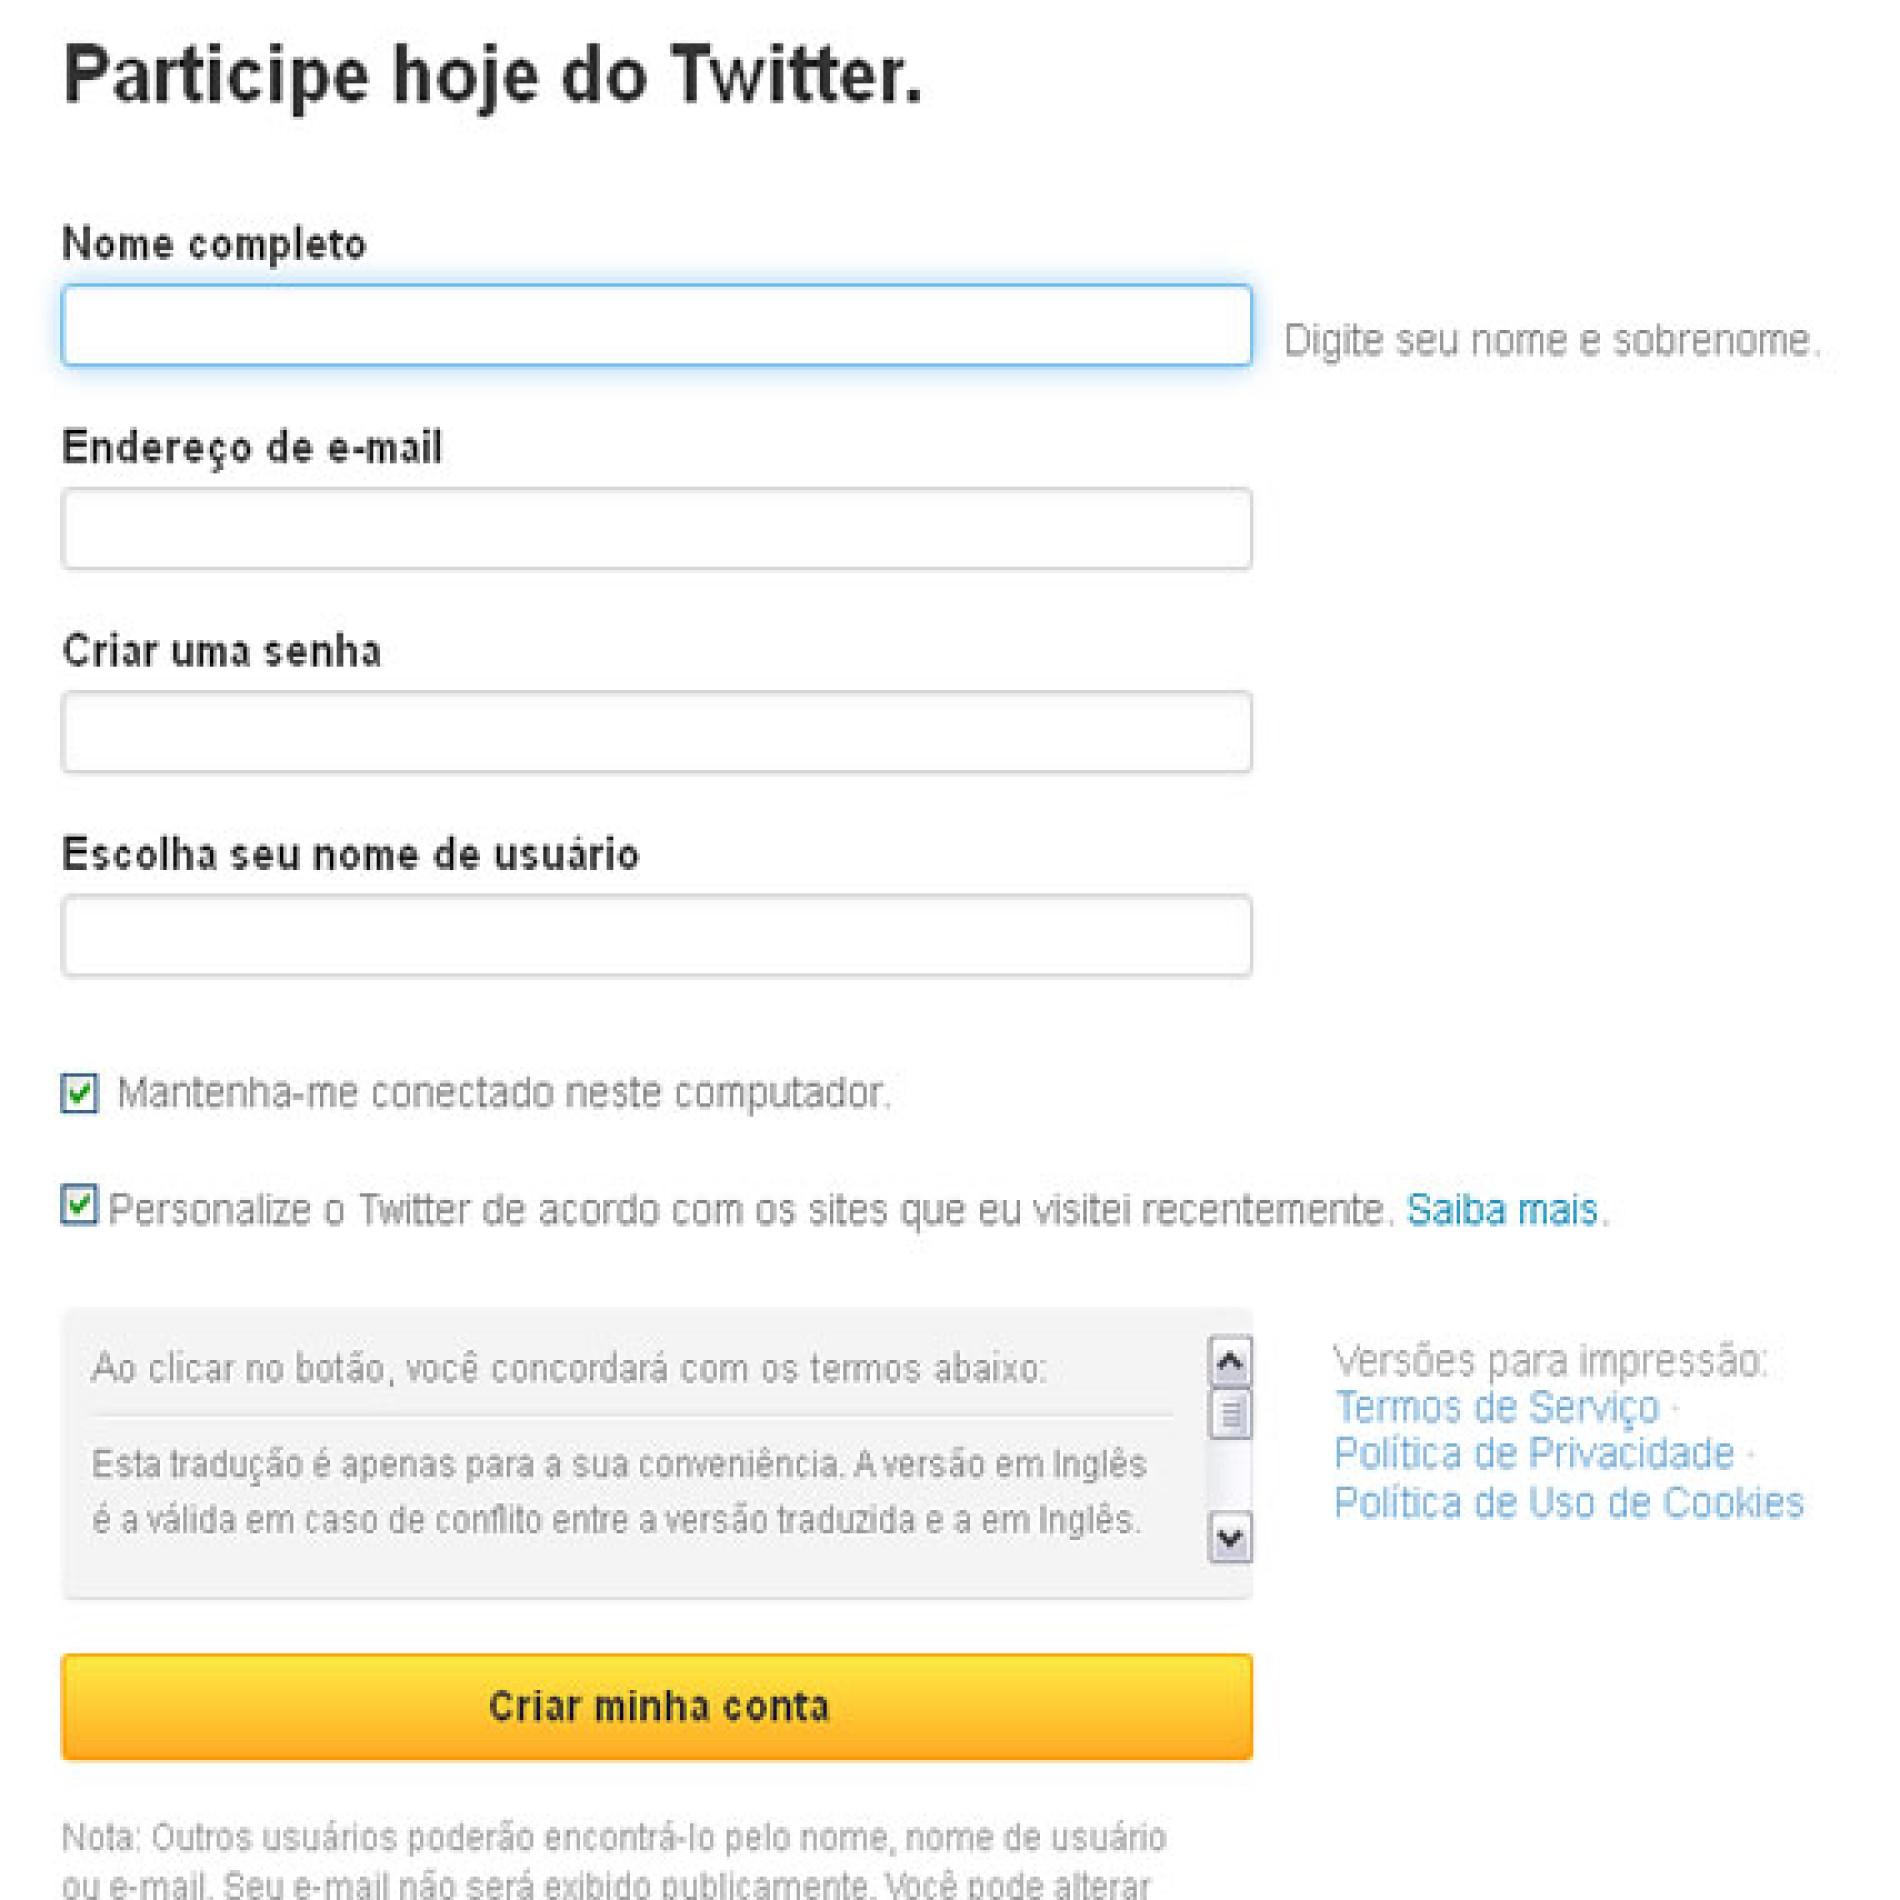 Como fazer Twitter no Twitter.com